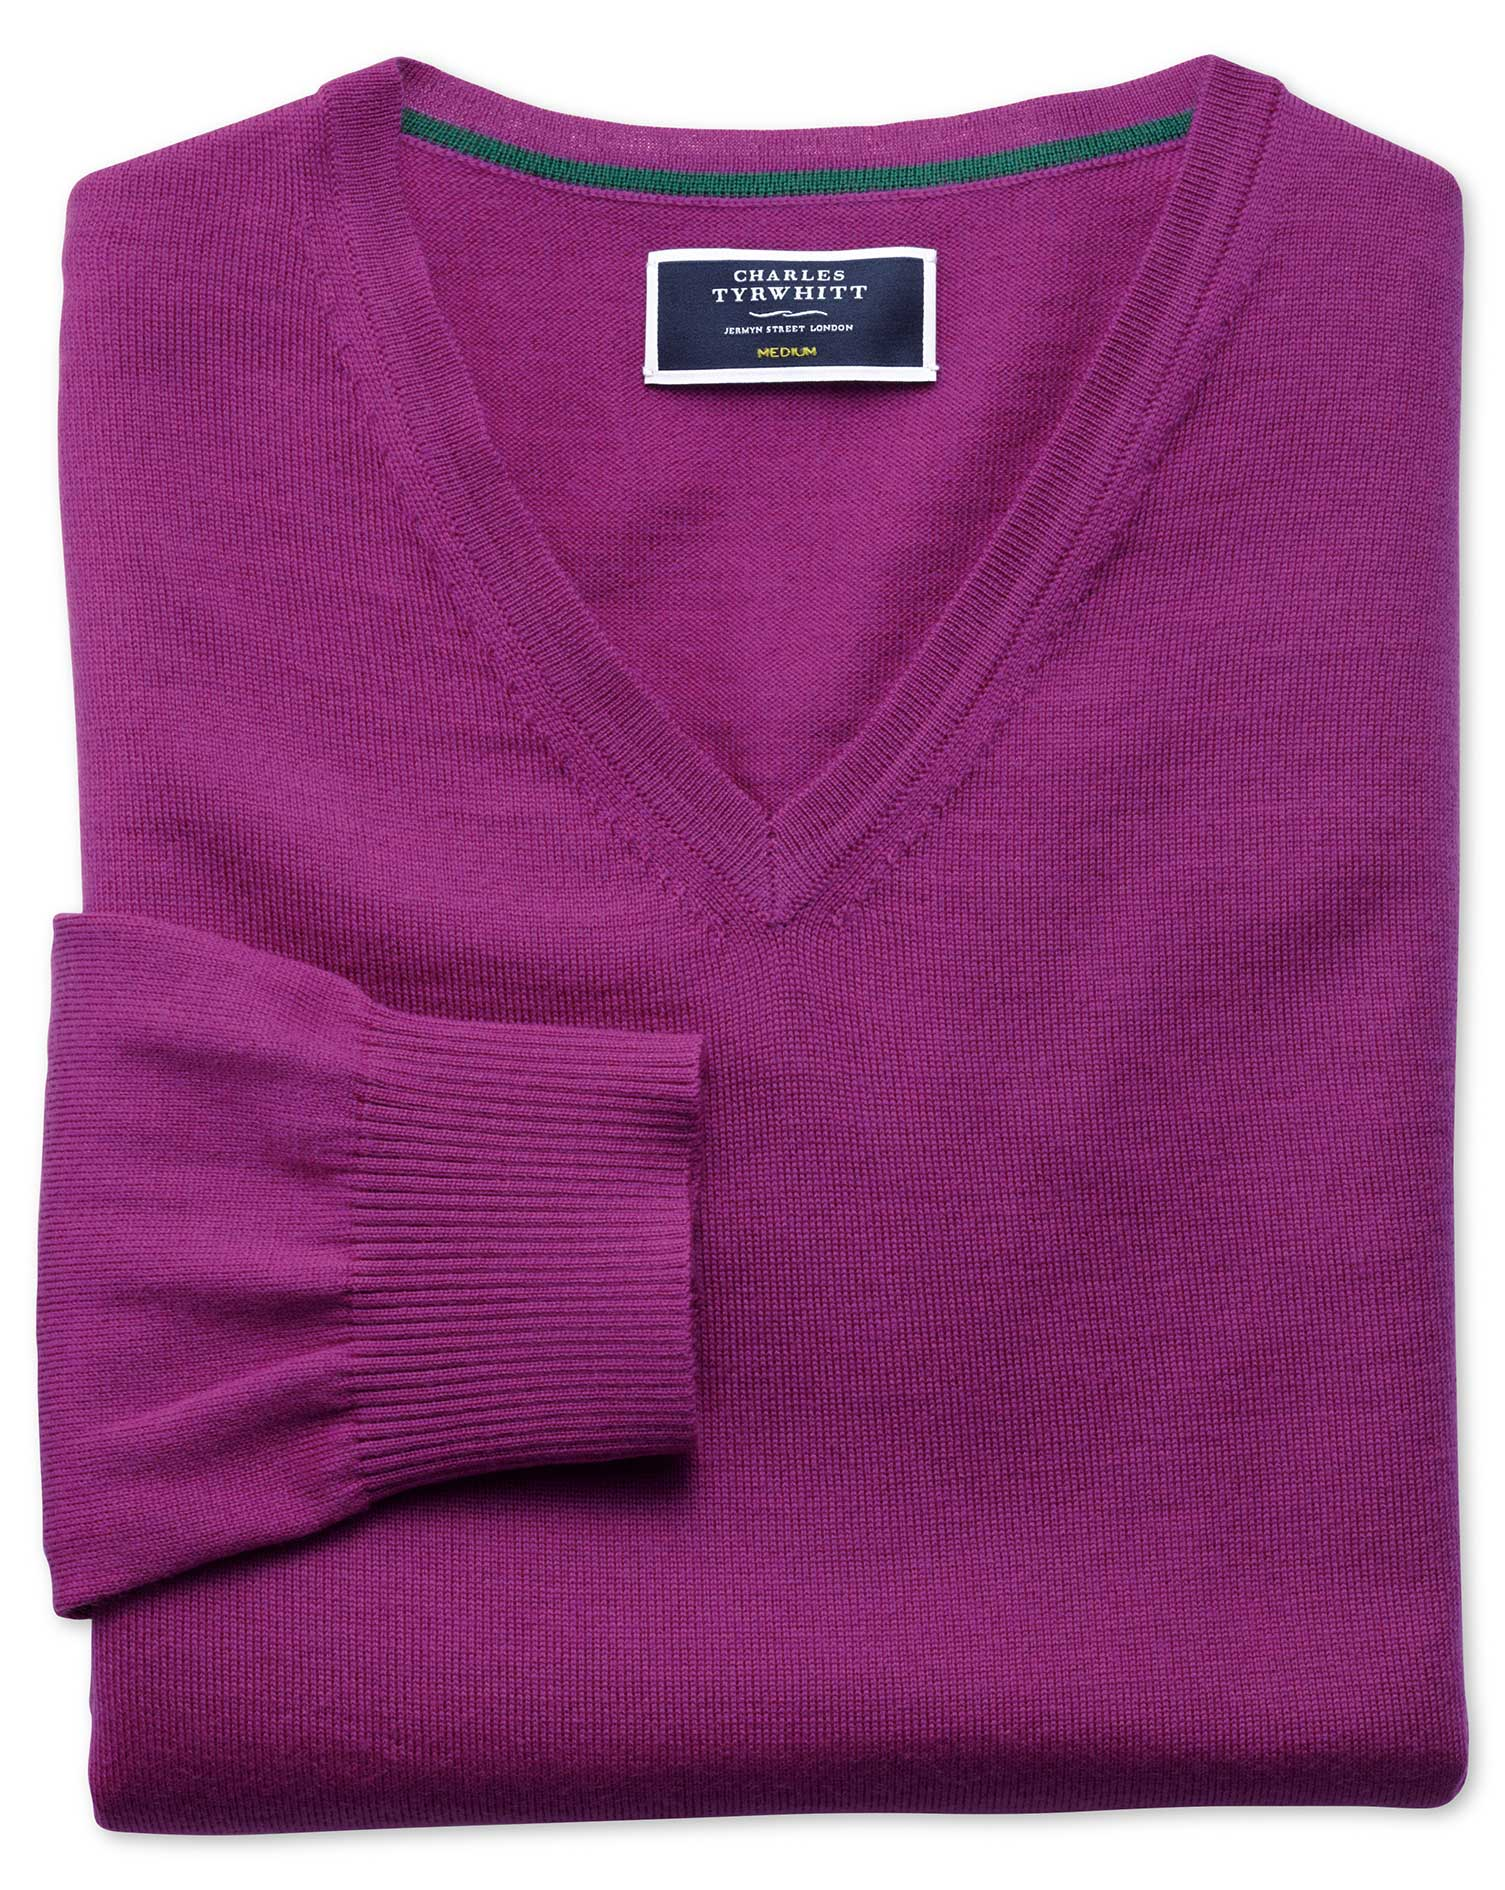 Berry Merino Wool V-Neck Jumper Size XXXL by Charles Tyrwhitt